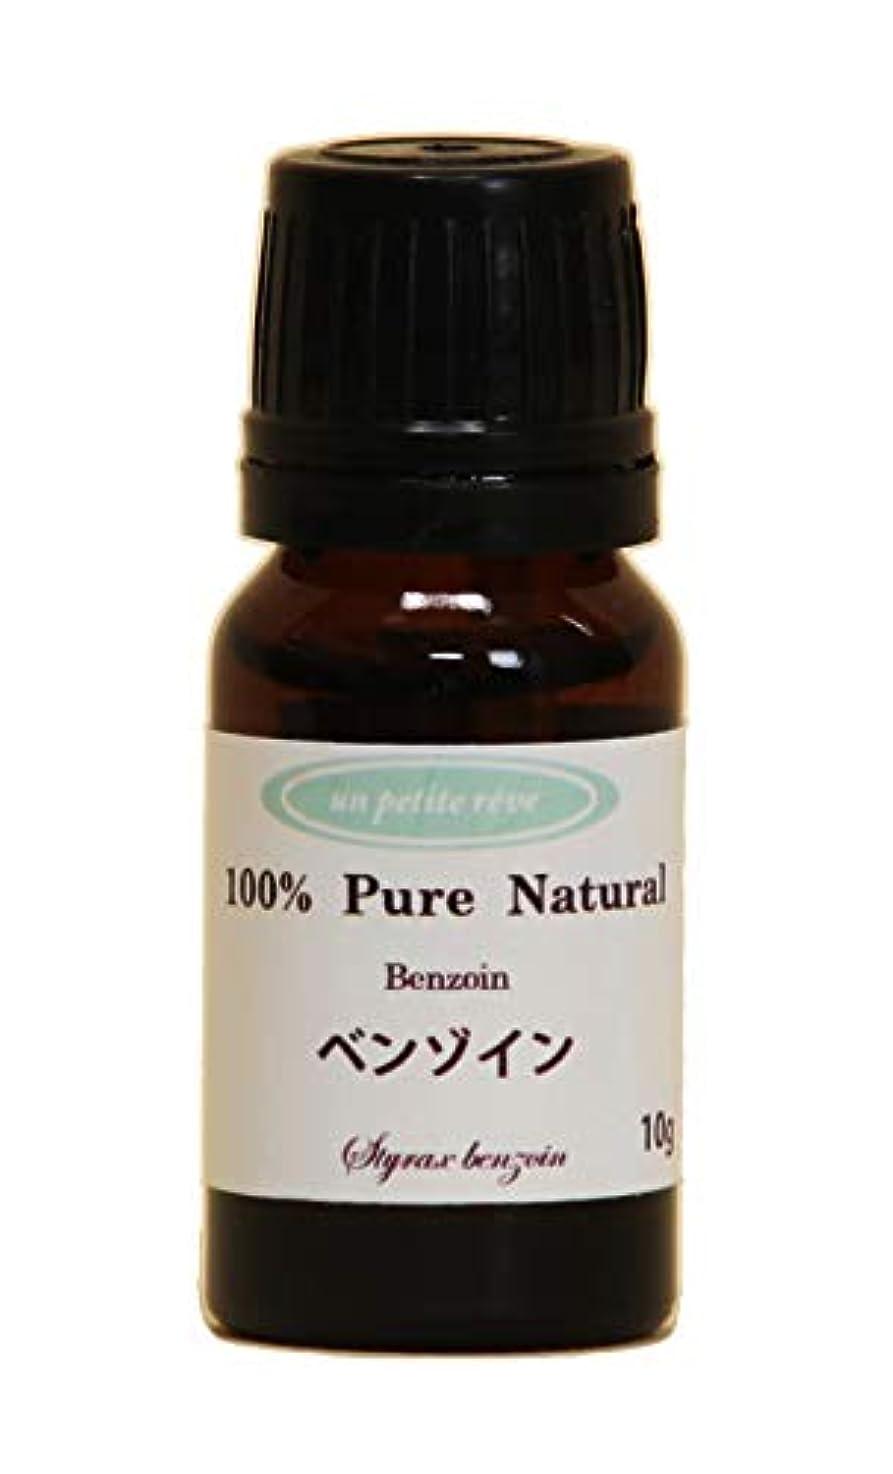 収益によってポーズベンゾイン(ウッドマドラー付き) 10g 100%天然アロマエッセンシャルオイル(精油)